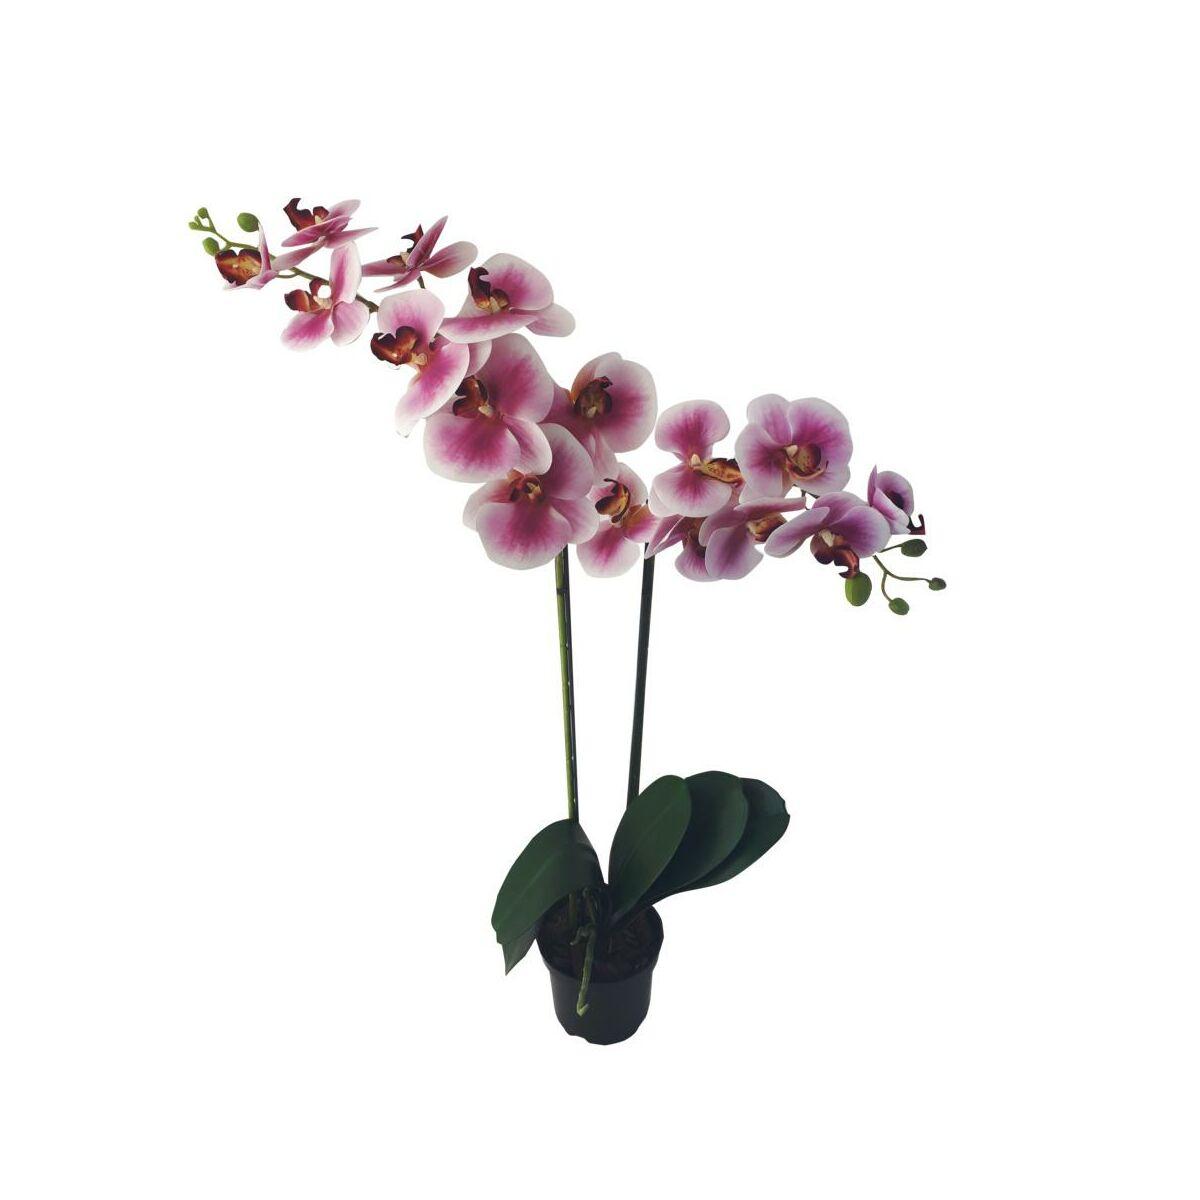 Storczyk Sztuczny W Doniczce 80 Cm 2 Pedy Sztuczne Kwiaty W Atrakcyjnej Cenie W Sklepach Leroy Merlin